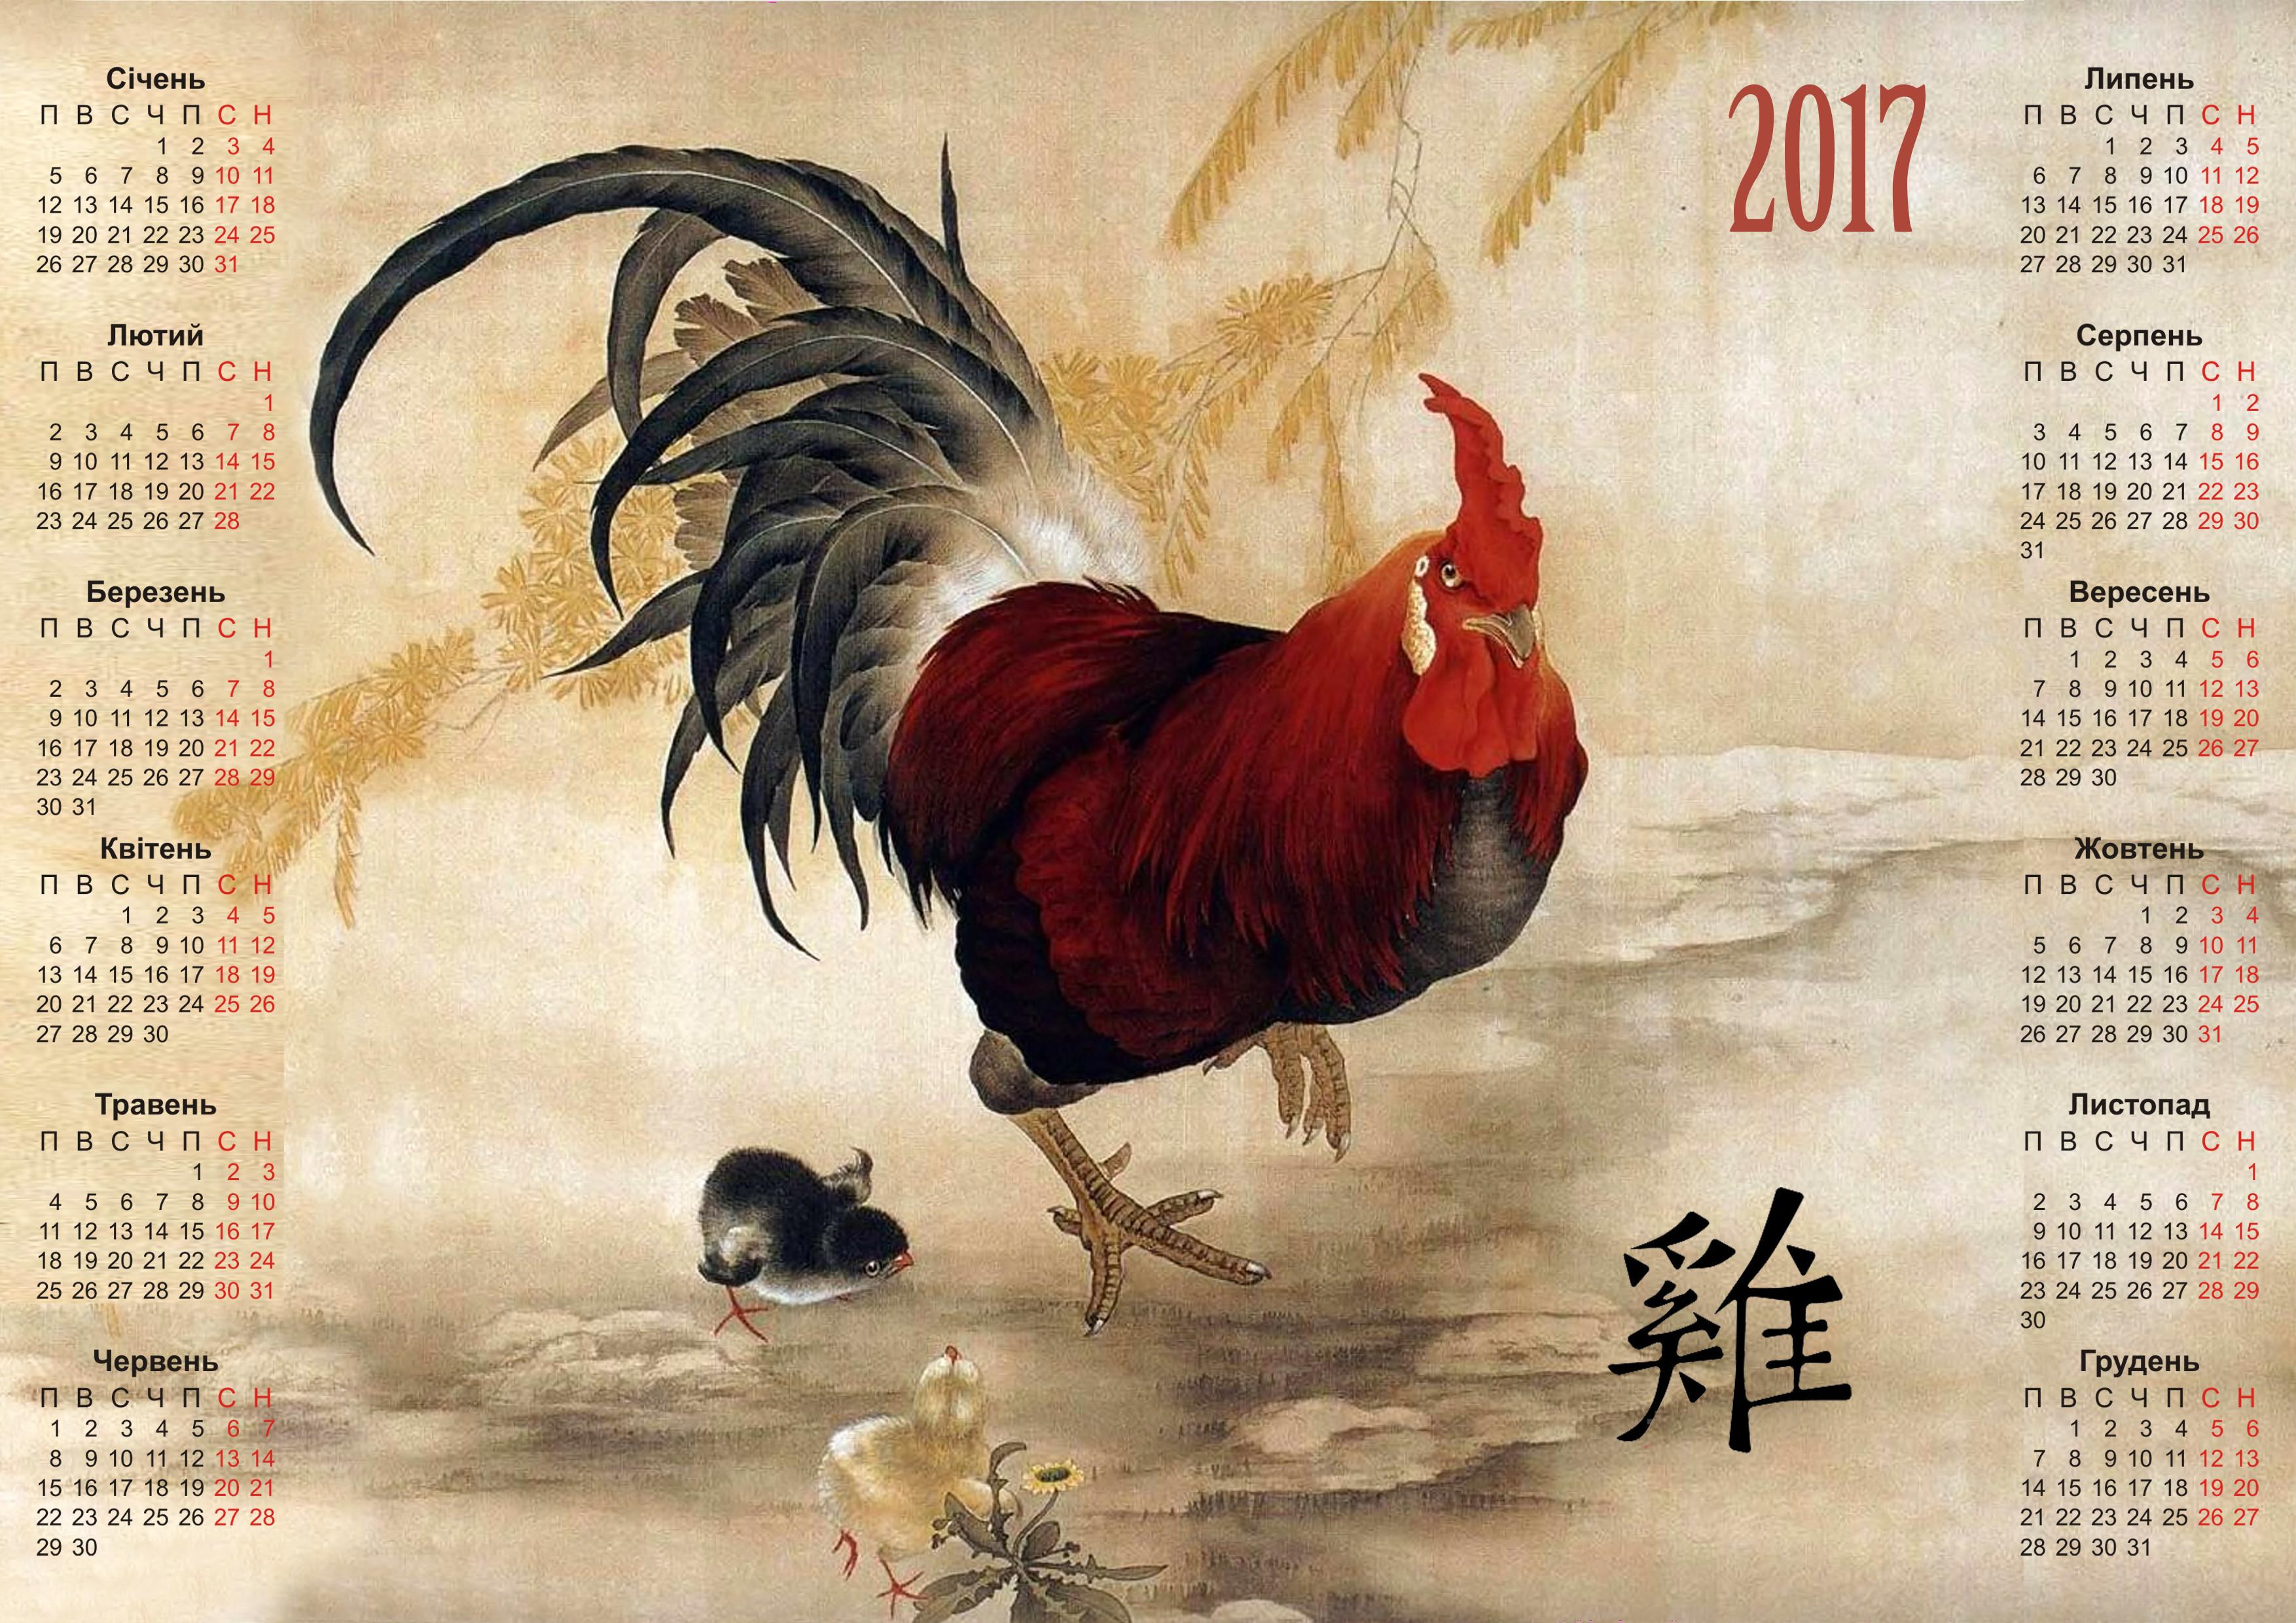 Календарь на 2017 год, Год Красного Огненного Петуха, Календарь на 2017 год Год Красного Огненного Петуха